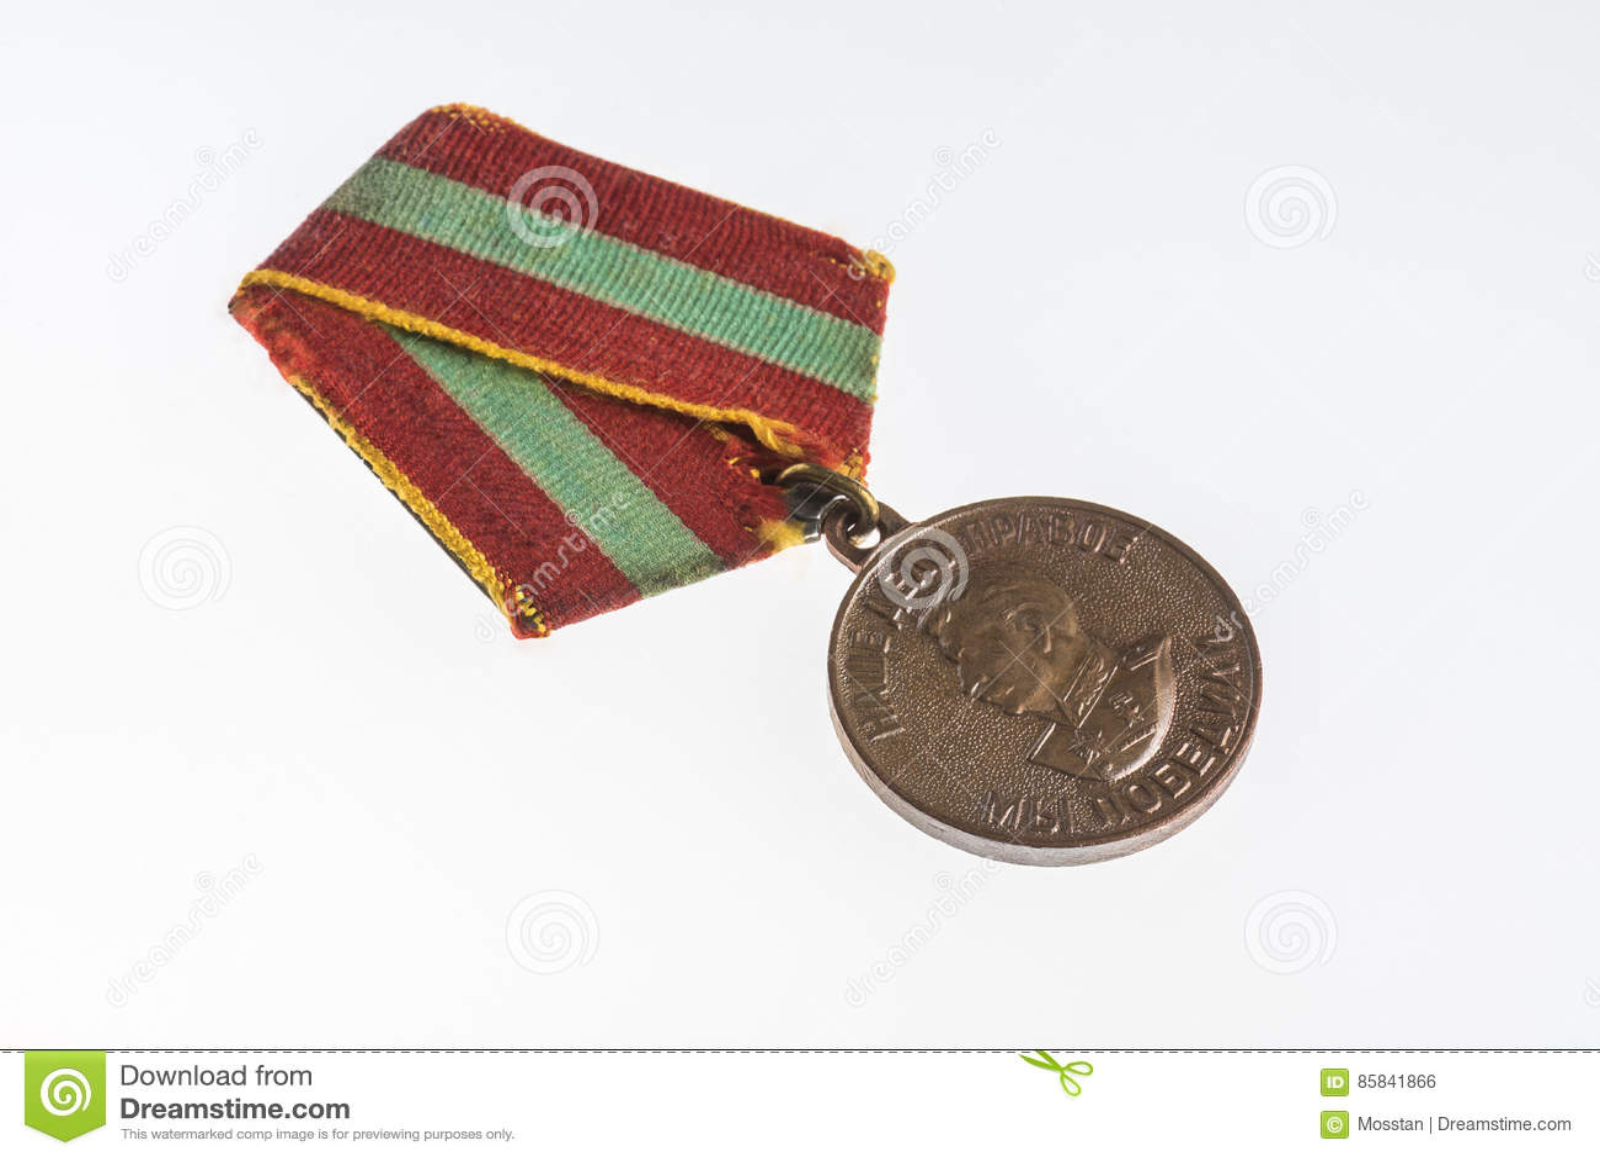 Premios del estado: ` De la medalla para el trabajo valeroso en el gran ` patriótico de la guerra 1941-1945